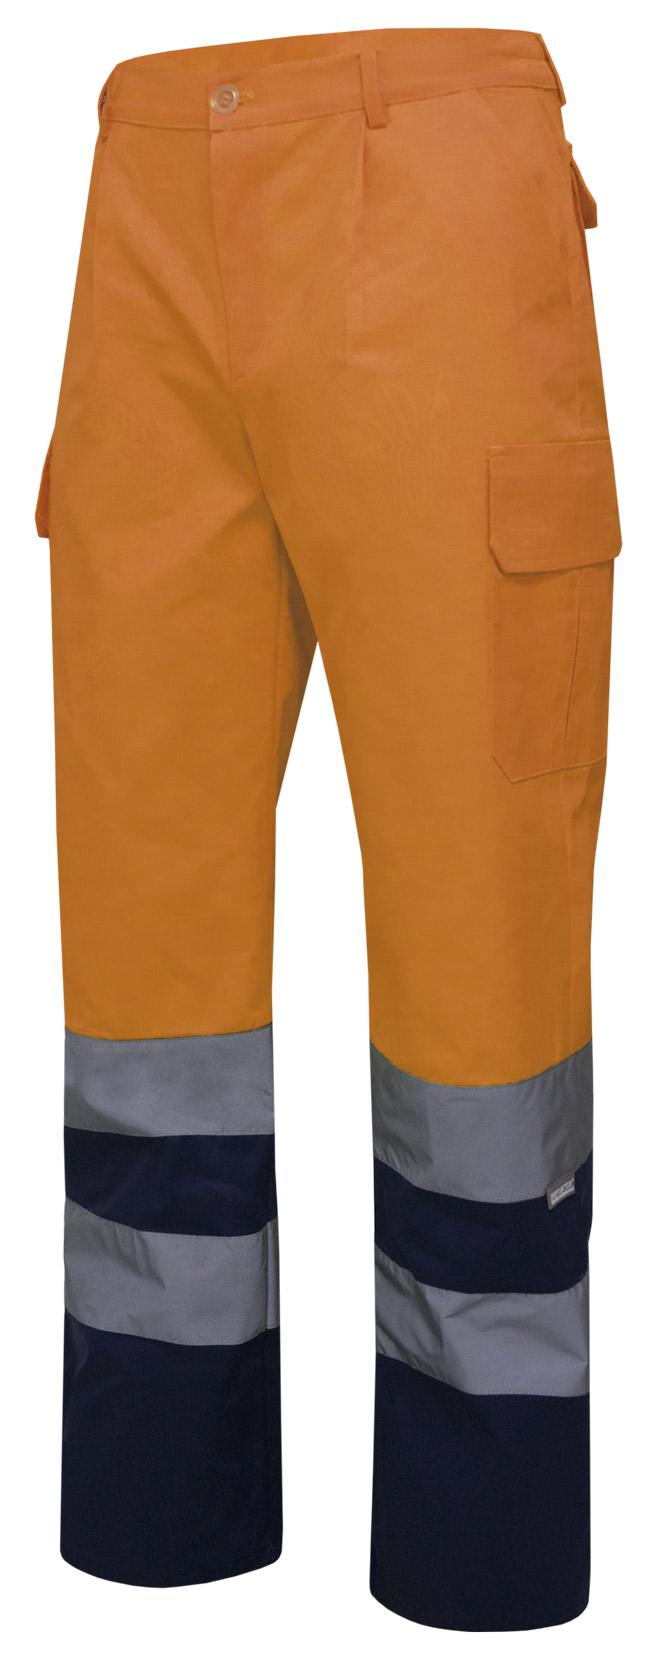 Pantalón de trabajo alta visibilidad bicolor